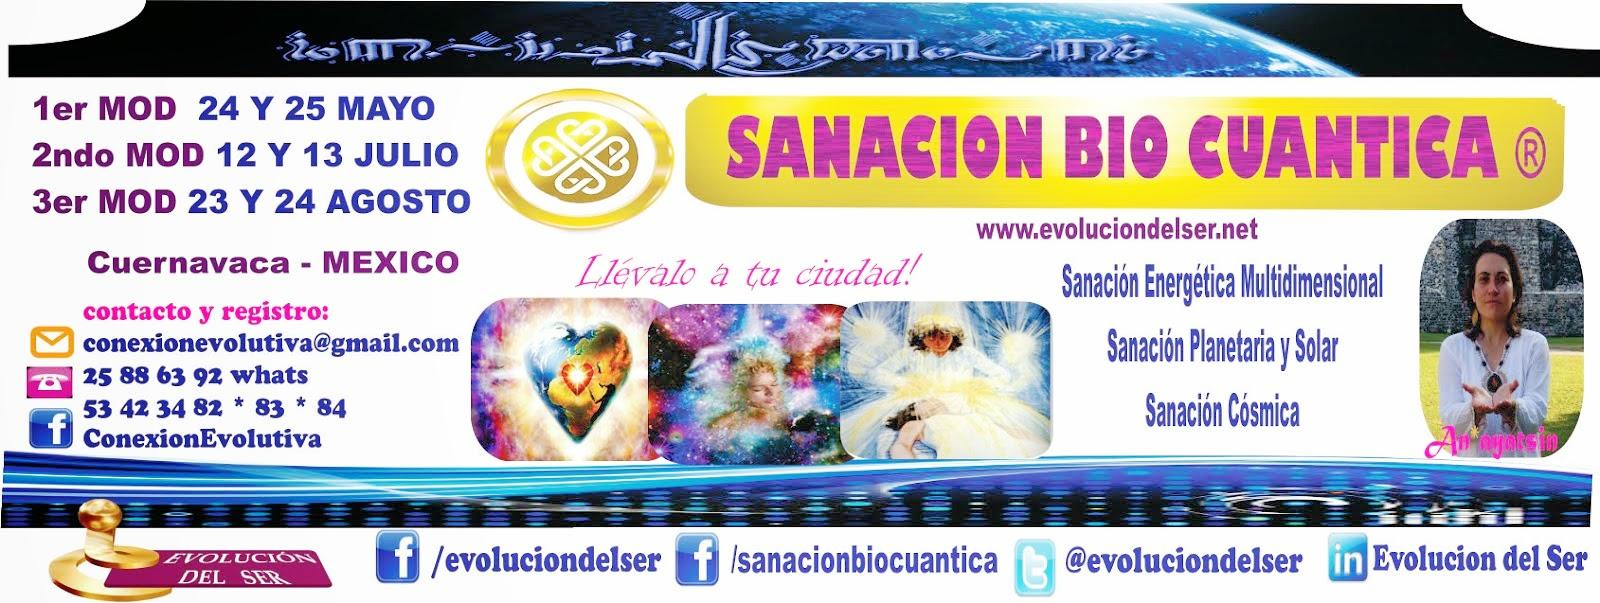 SANACION BIO CUANTICA * ENTRENAMIENTO VIVENCIAL NUEVA CONCIENCIA